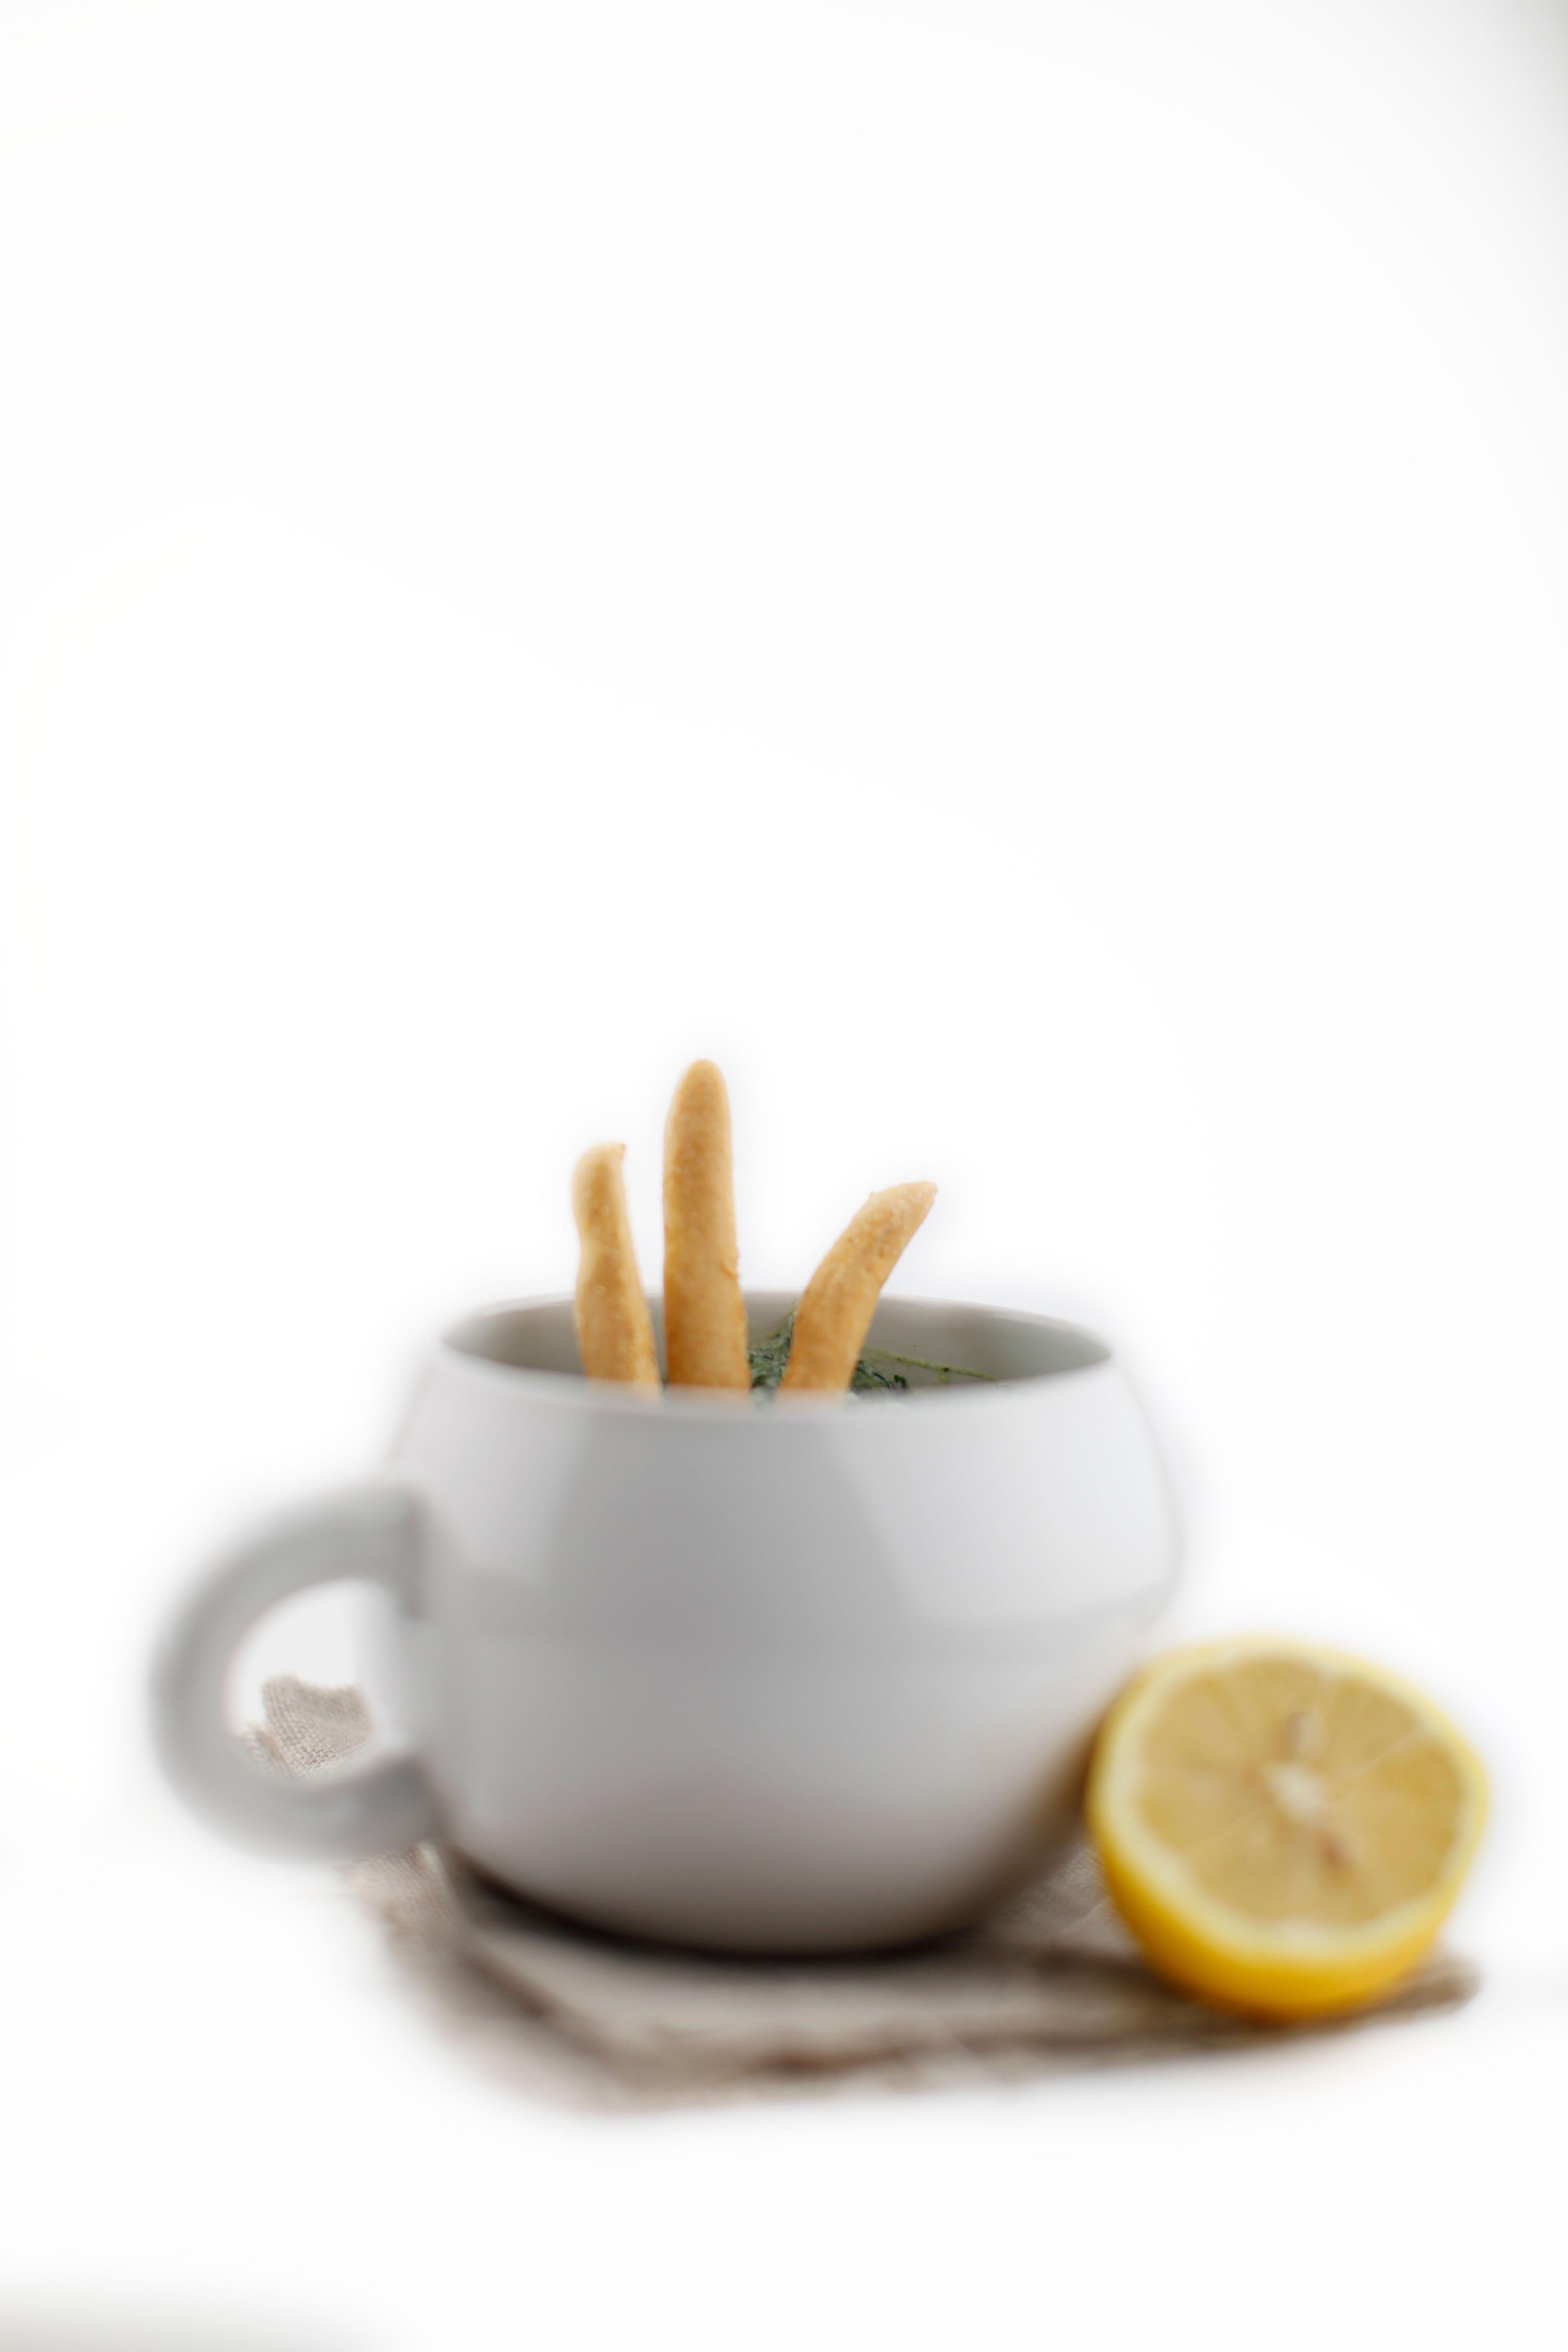 pici-e-castagne-pate-agli-spinaci-2